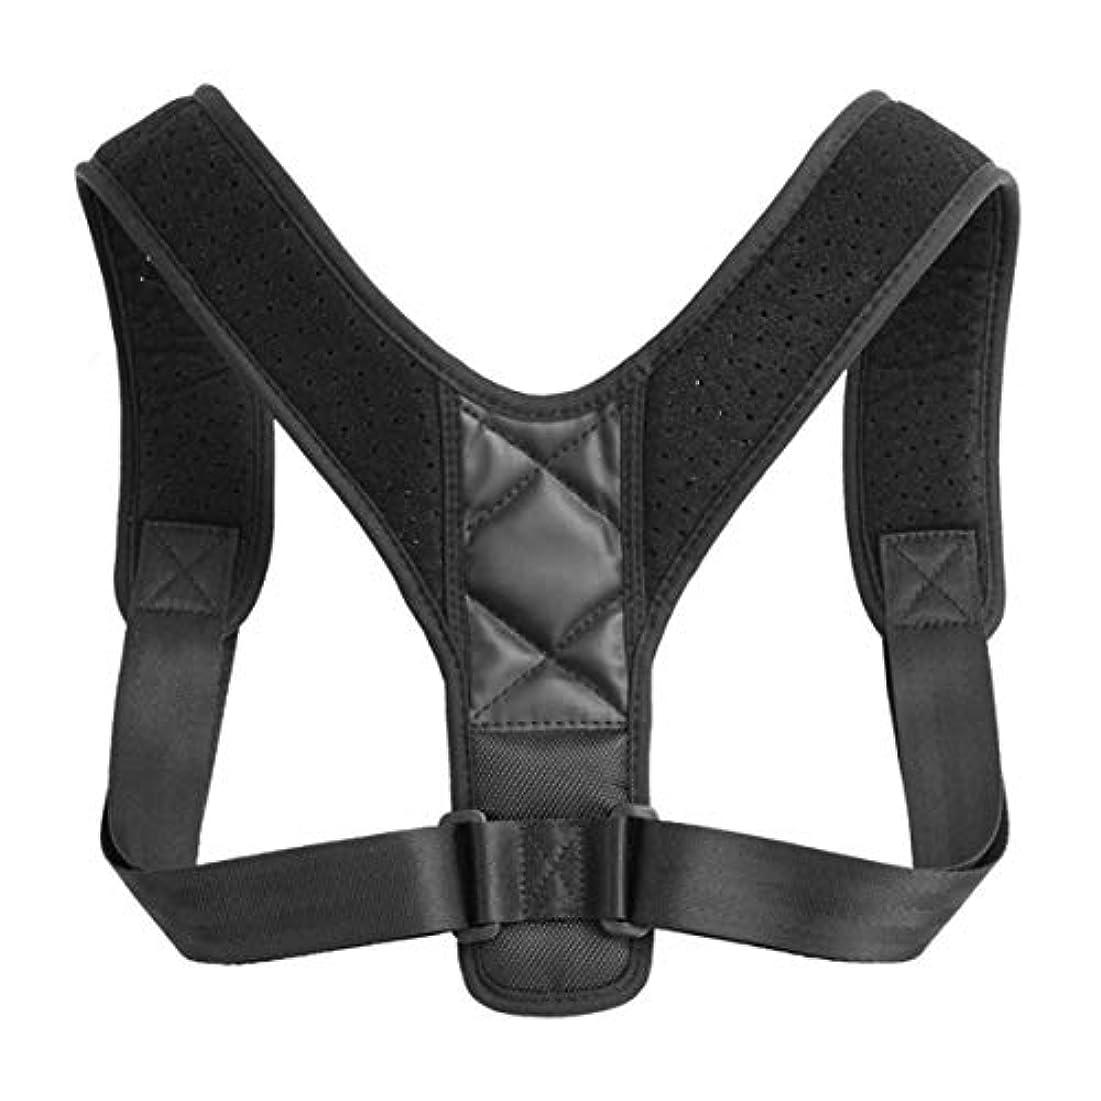 銅思春期の降下大人の学生調節可能な背中の姿勢補正ブレースショルダーサポートバンドベルトの姿勢正しいベルト防止ハンチバック - ブラック